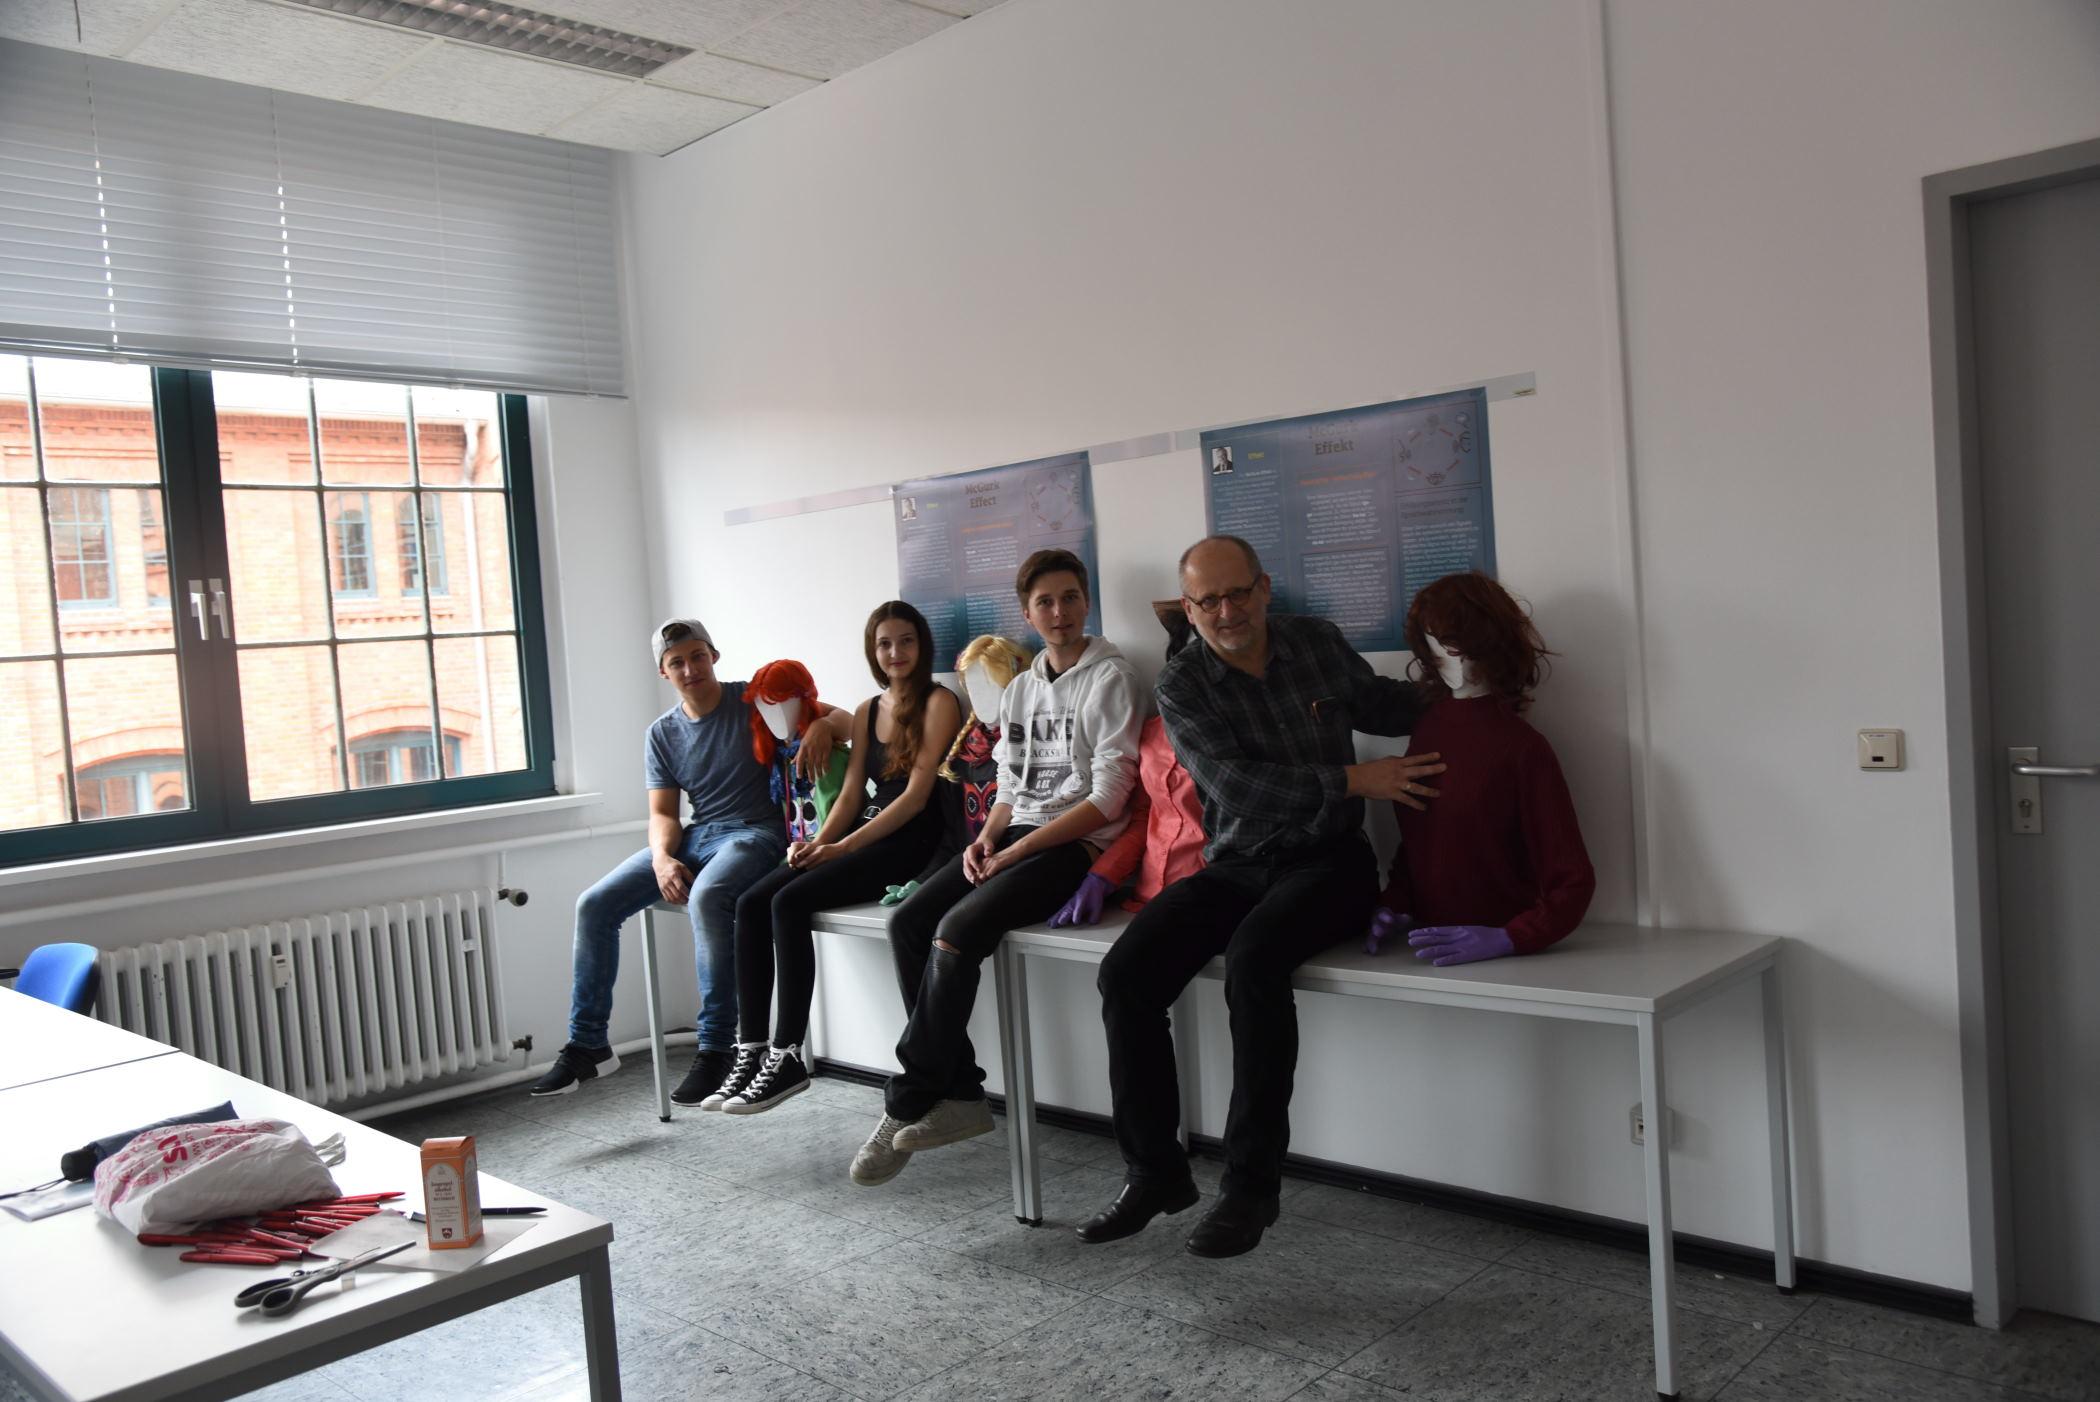 Das Team hinter dem Zuschauerexperiment: Prof. Dr. Ronald Freytag, Fabrice Dramont, Michelle Stelter, Gilbert Martiny, Julia Heinzl